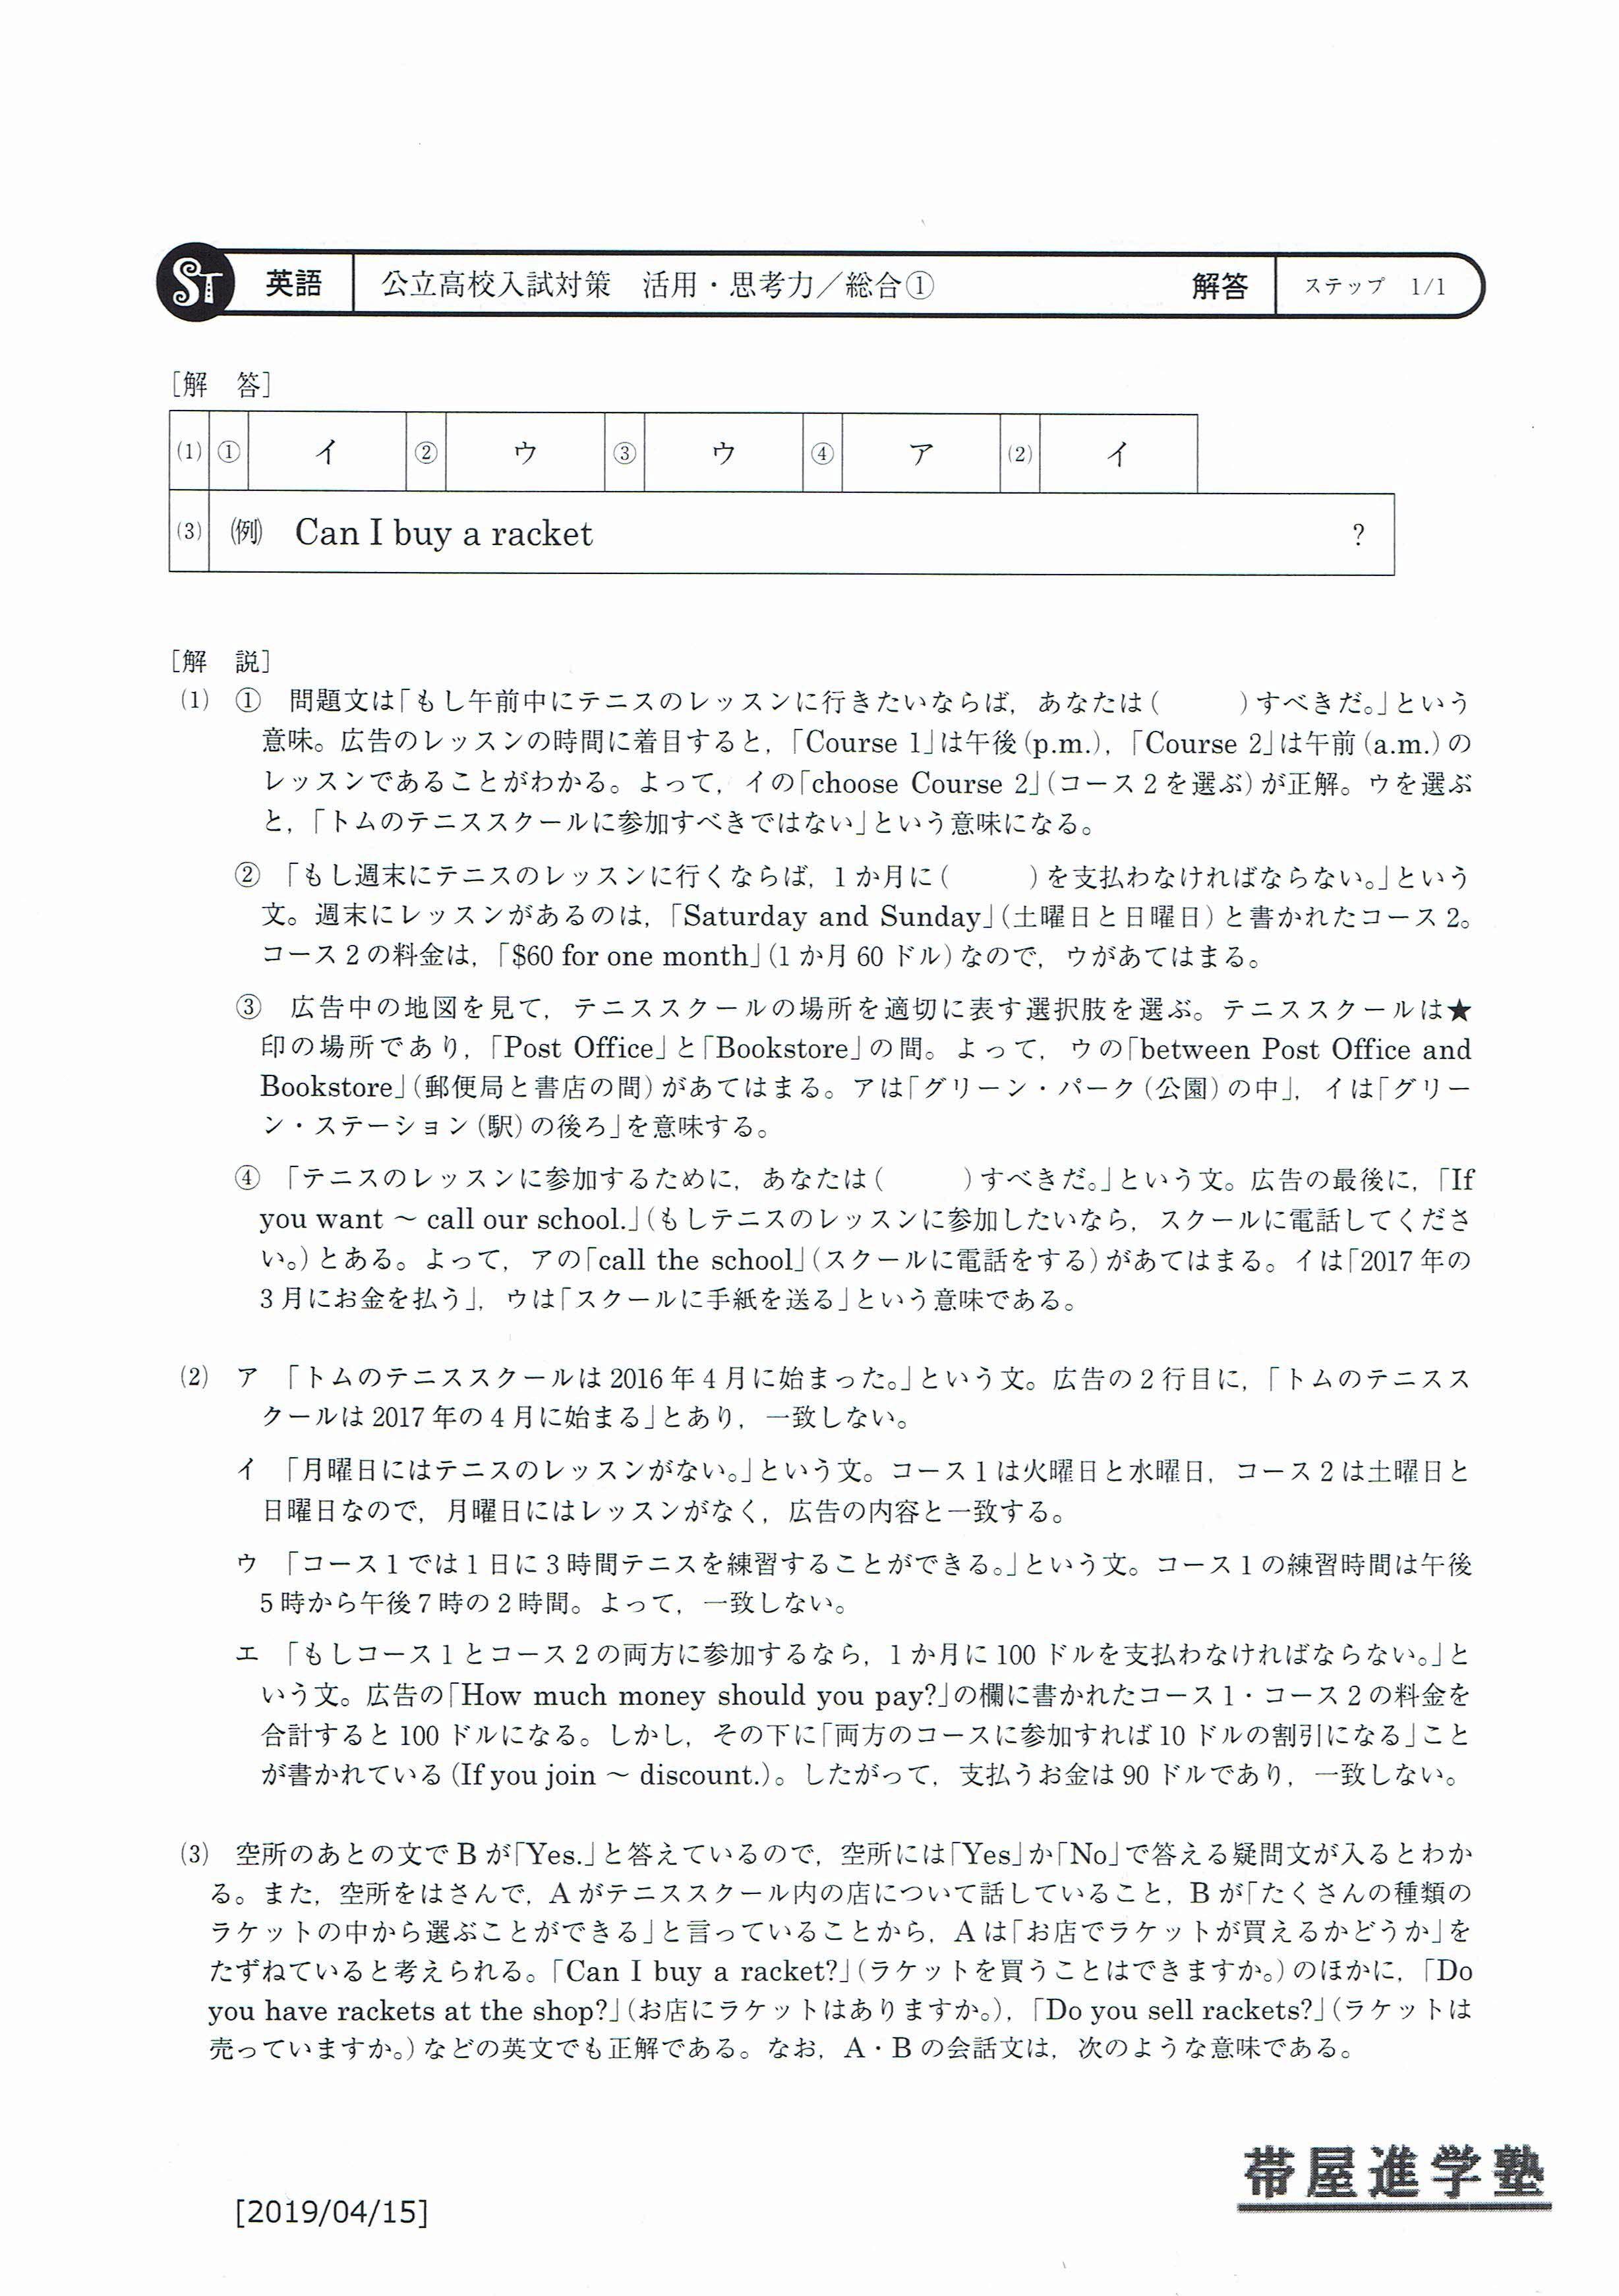 公立高校入試対策 (2)